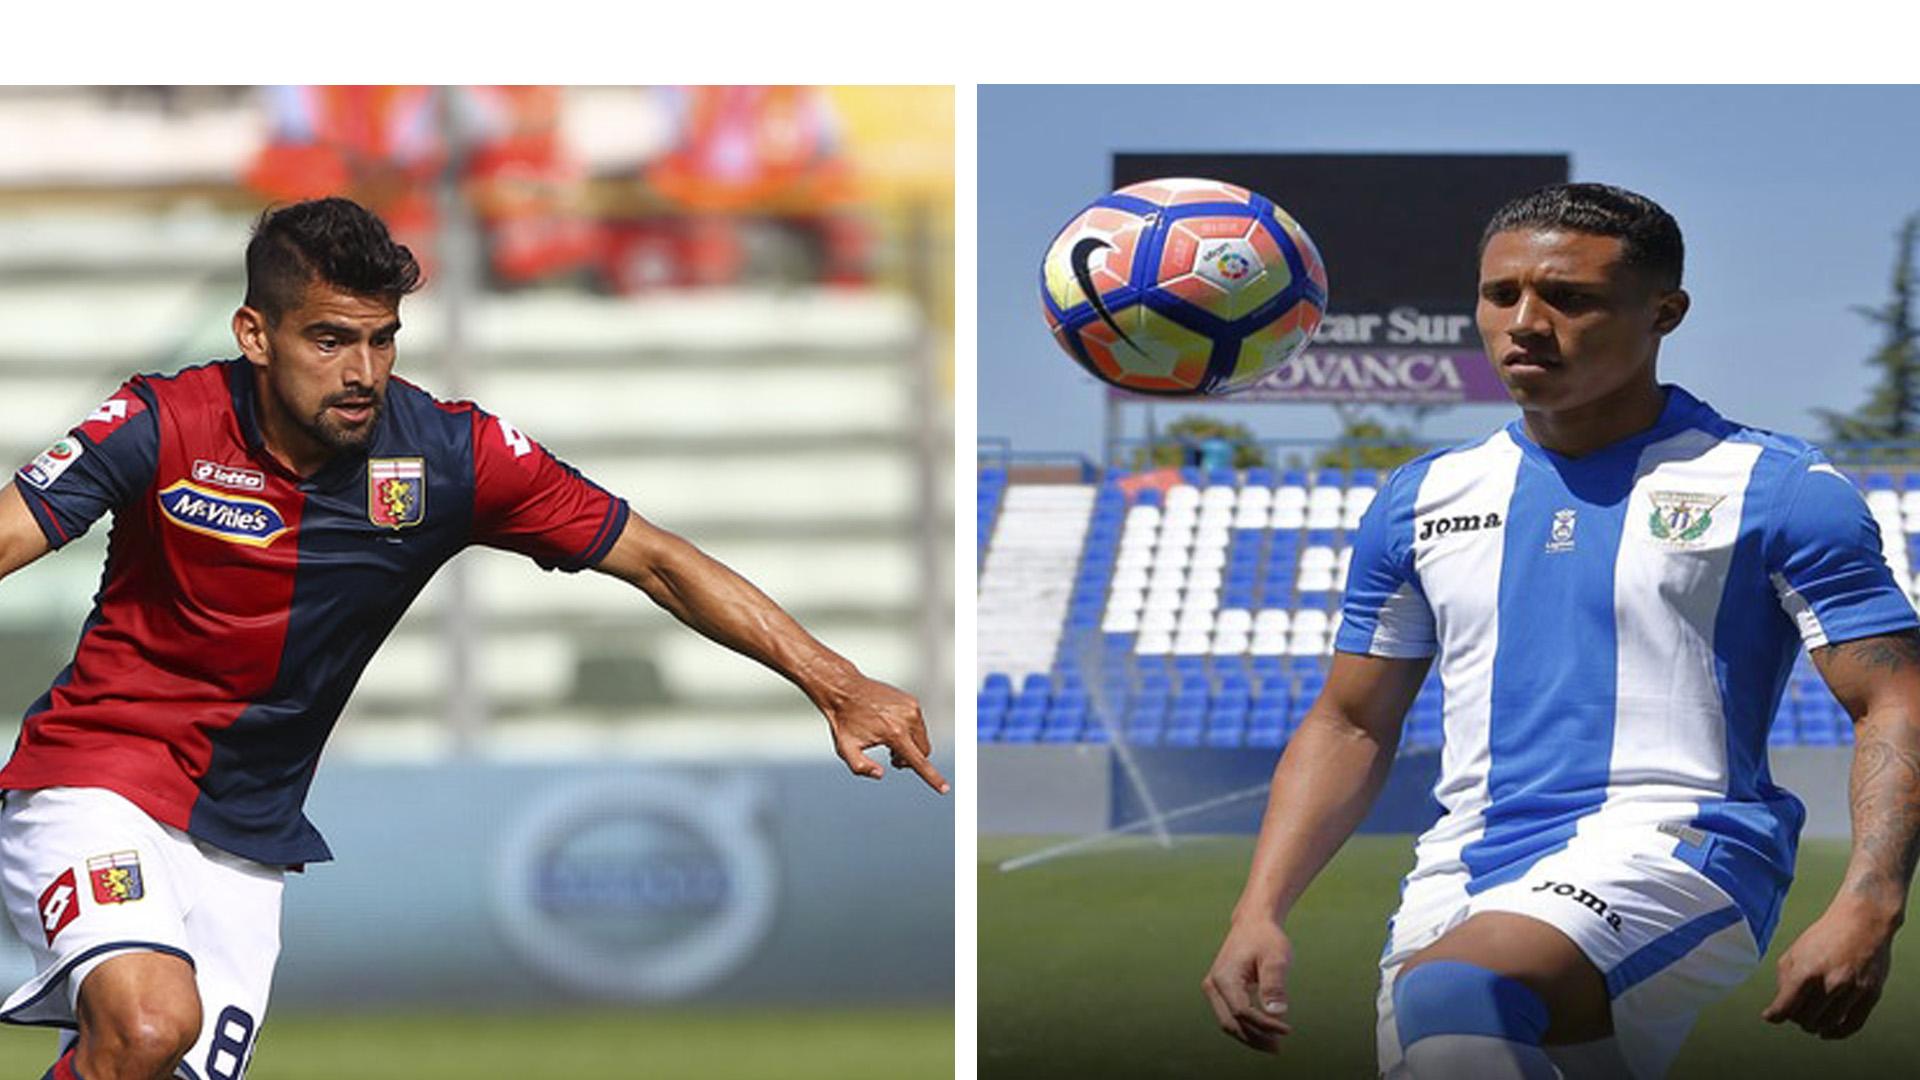 Los venezolanos iniciaron la nueva temporada de fútbol europeo con todas las de ganar